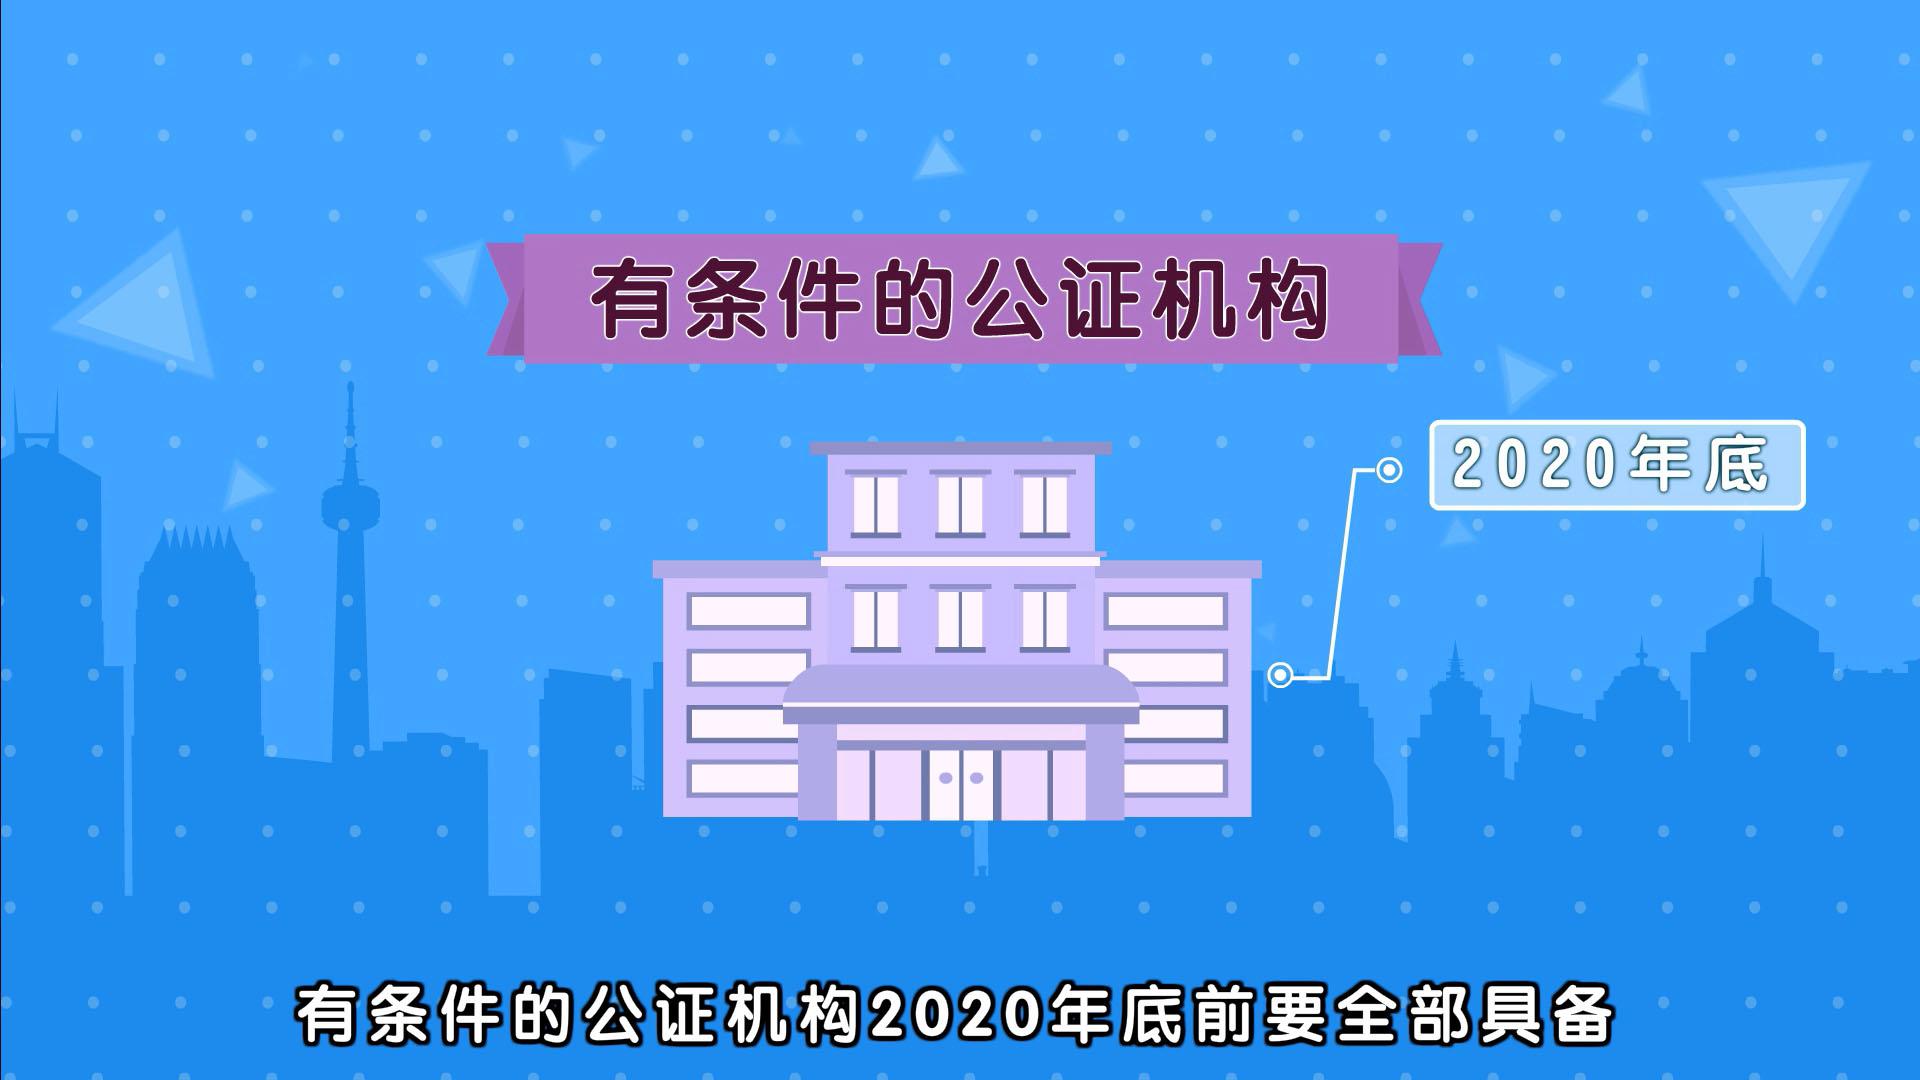 财税APP亚虎个人娱乐中心MG宣传推广